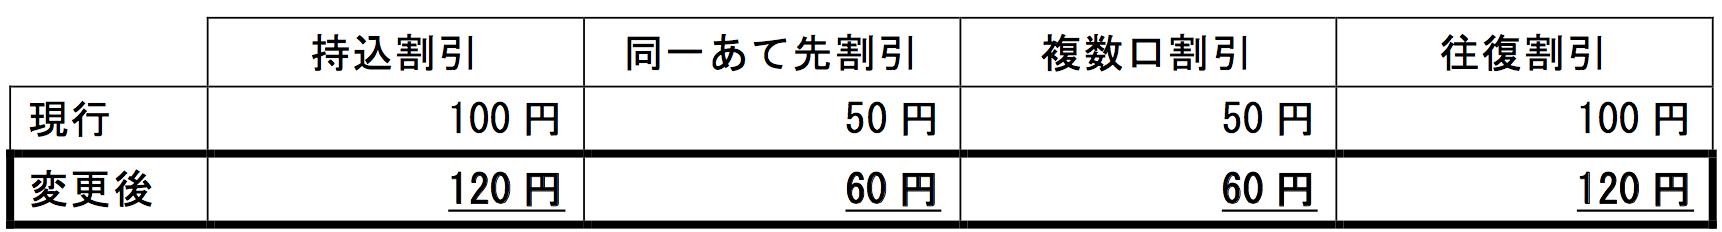 表3:日本郵便(出典)